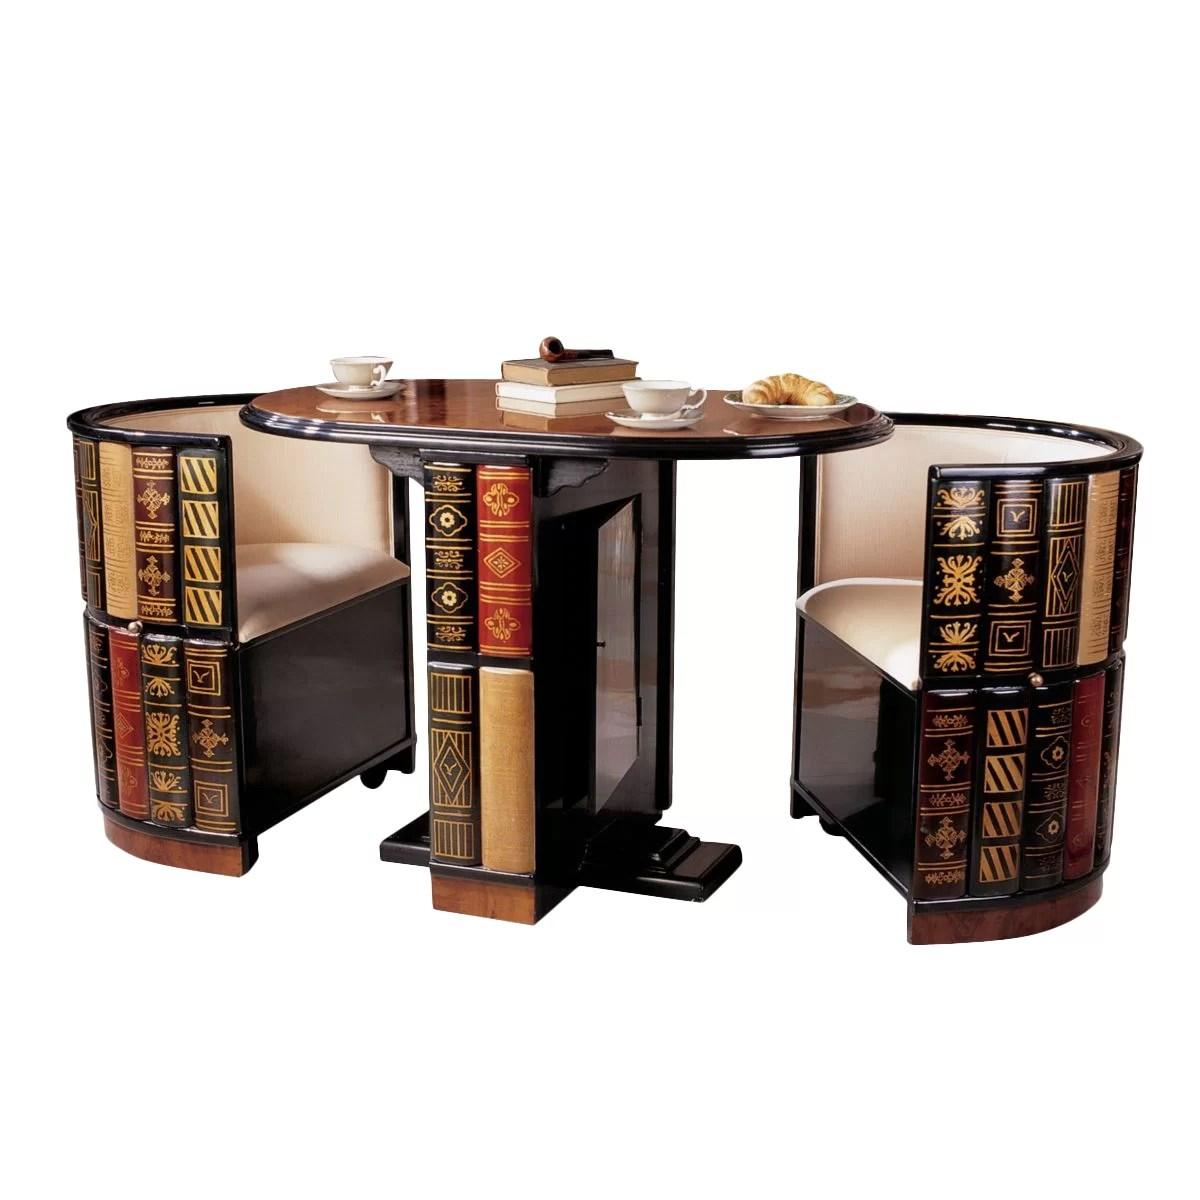 Design Toscano 3 Piece Dining Set Amp Reviews Wayfair